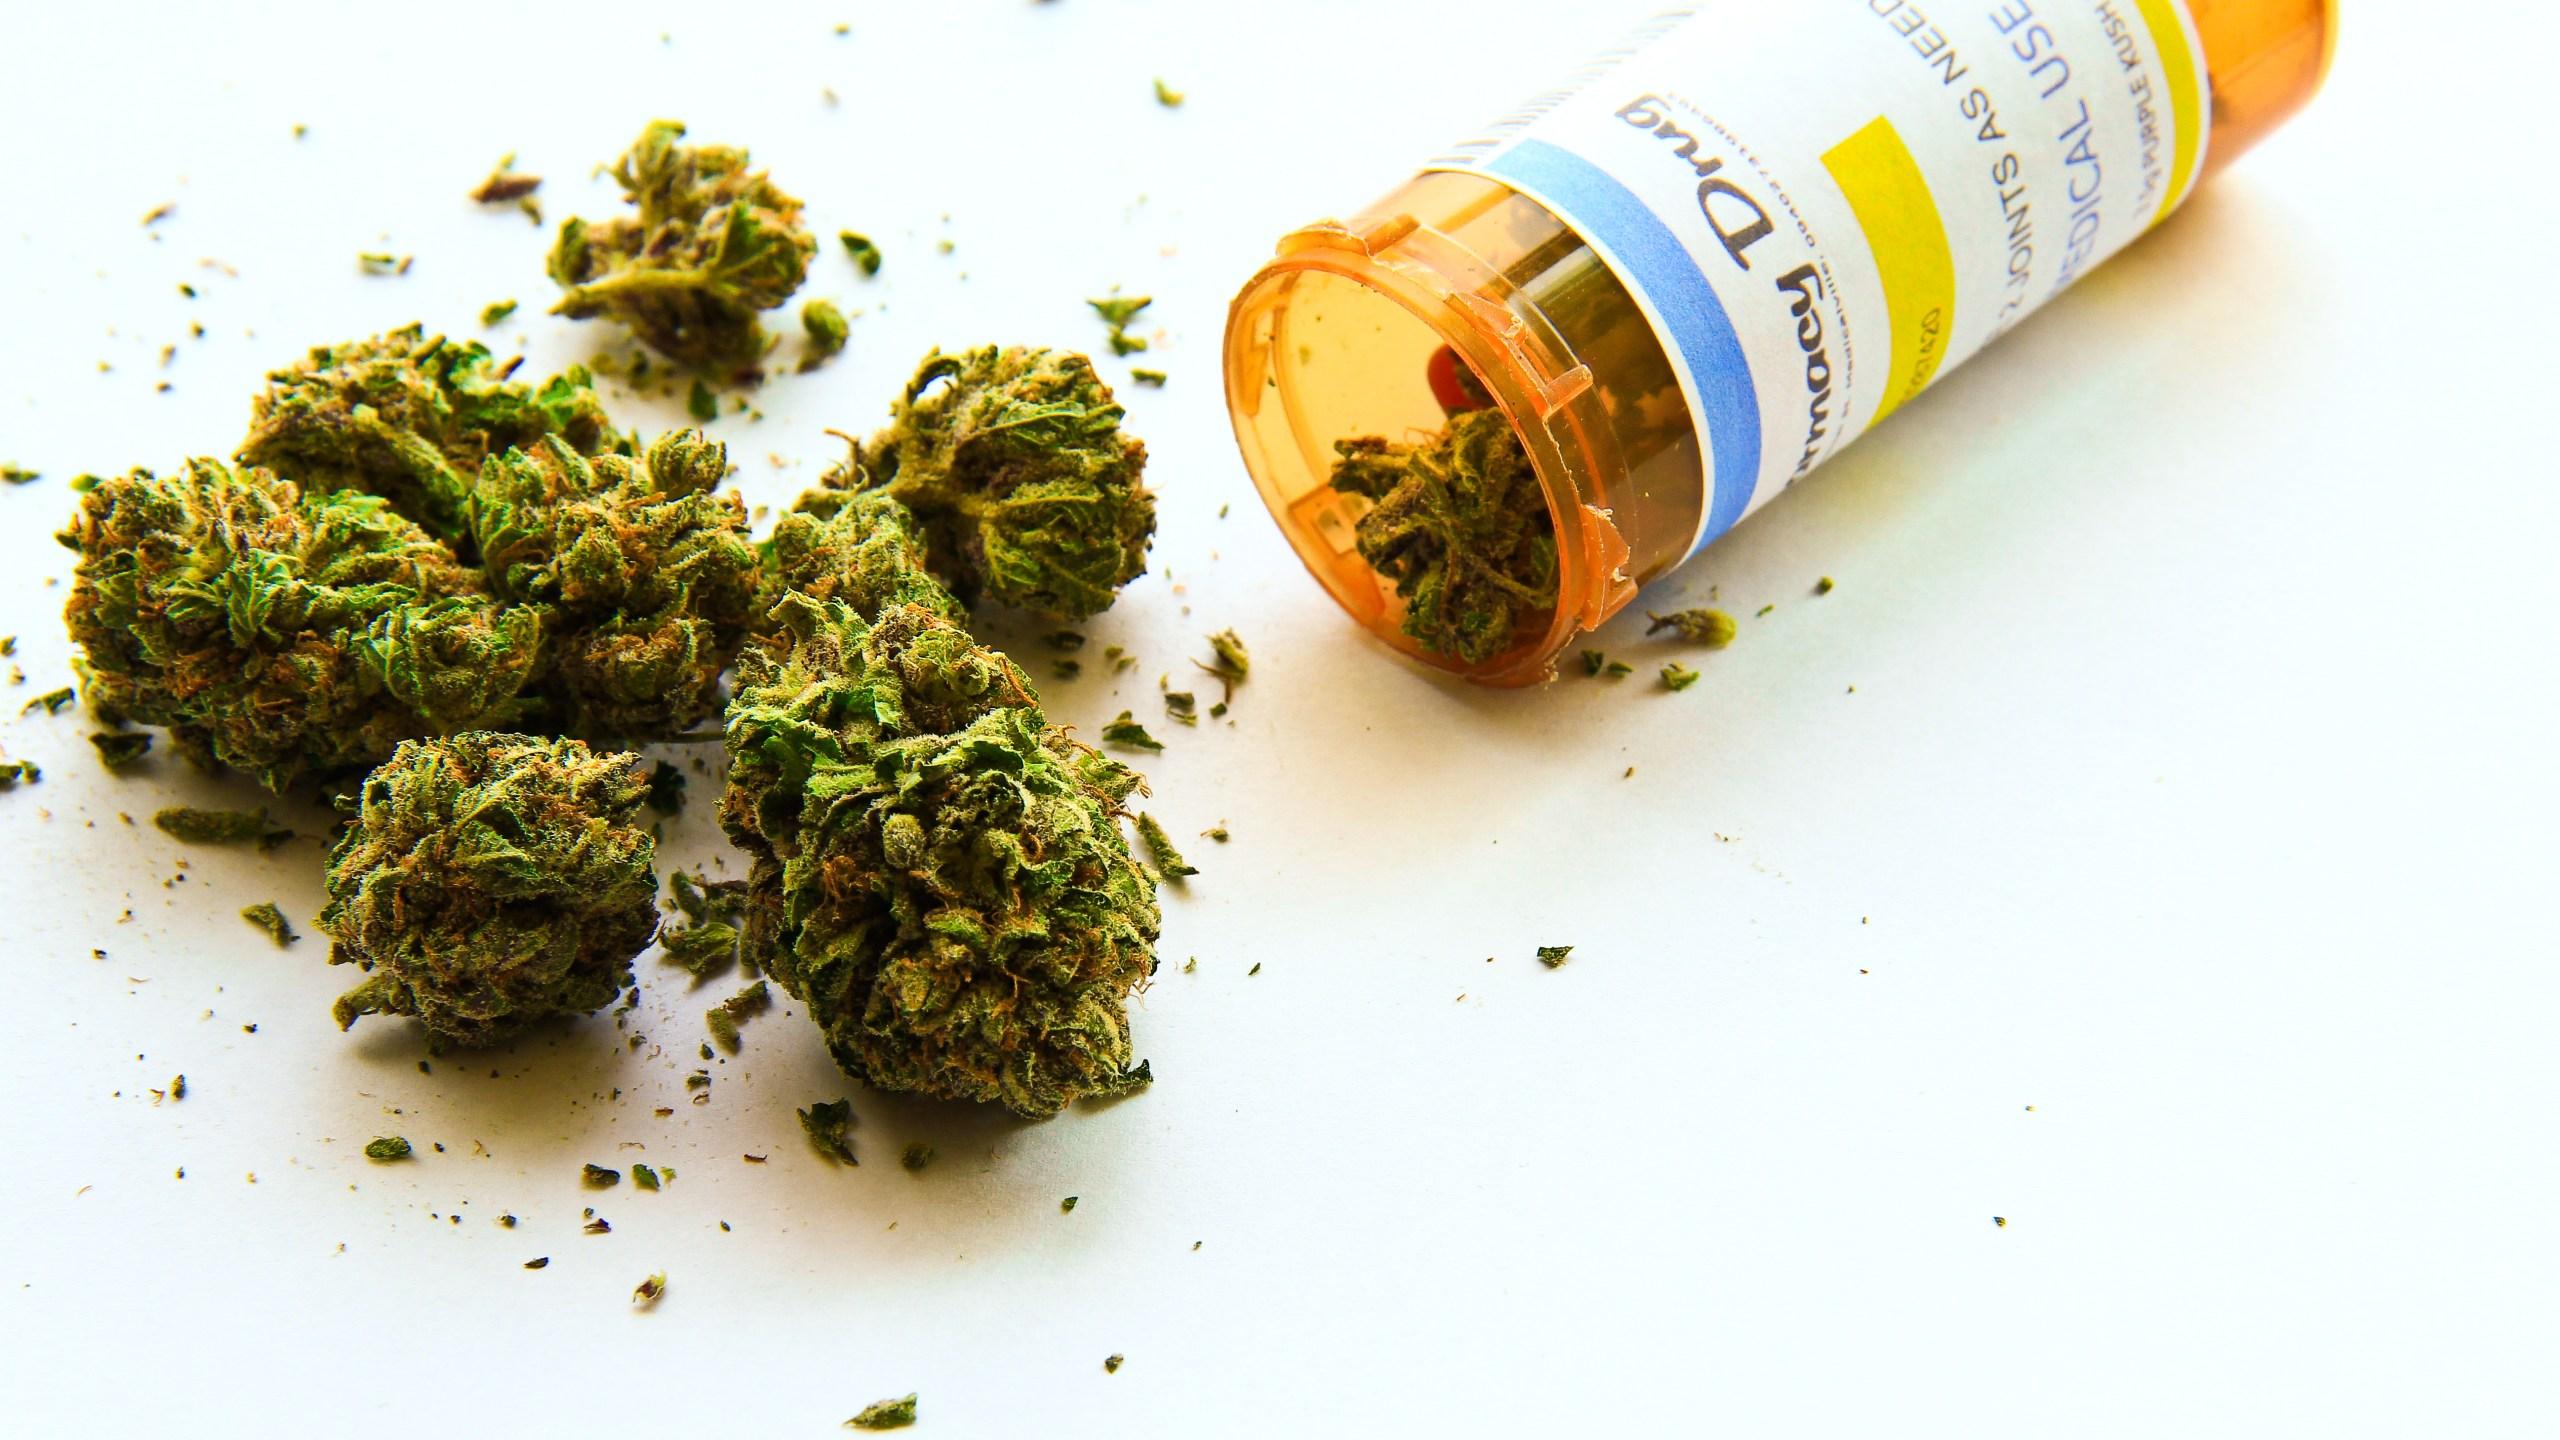 MedicalMarijuanaShutterstock1_327292